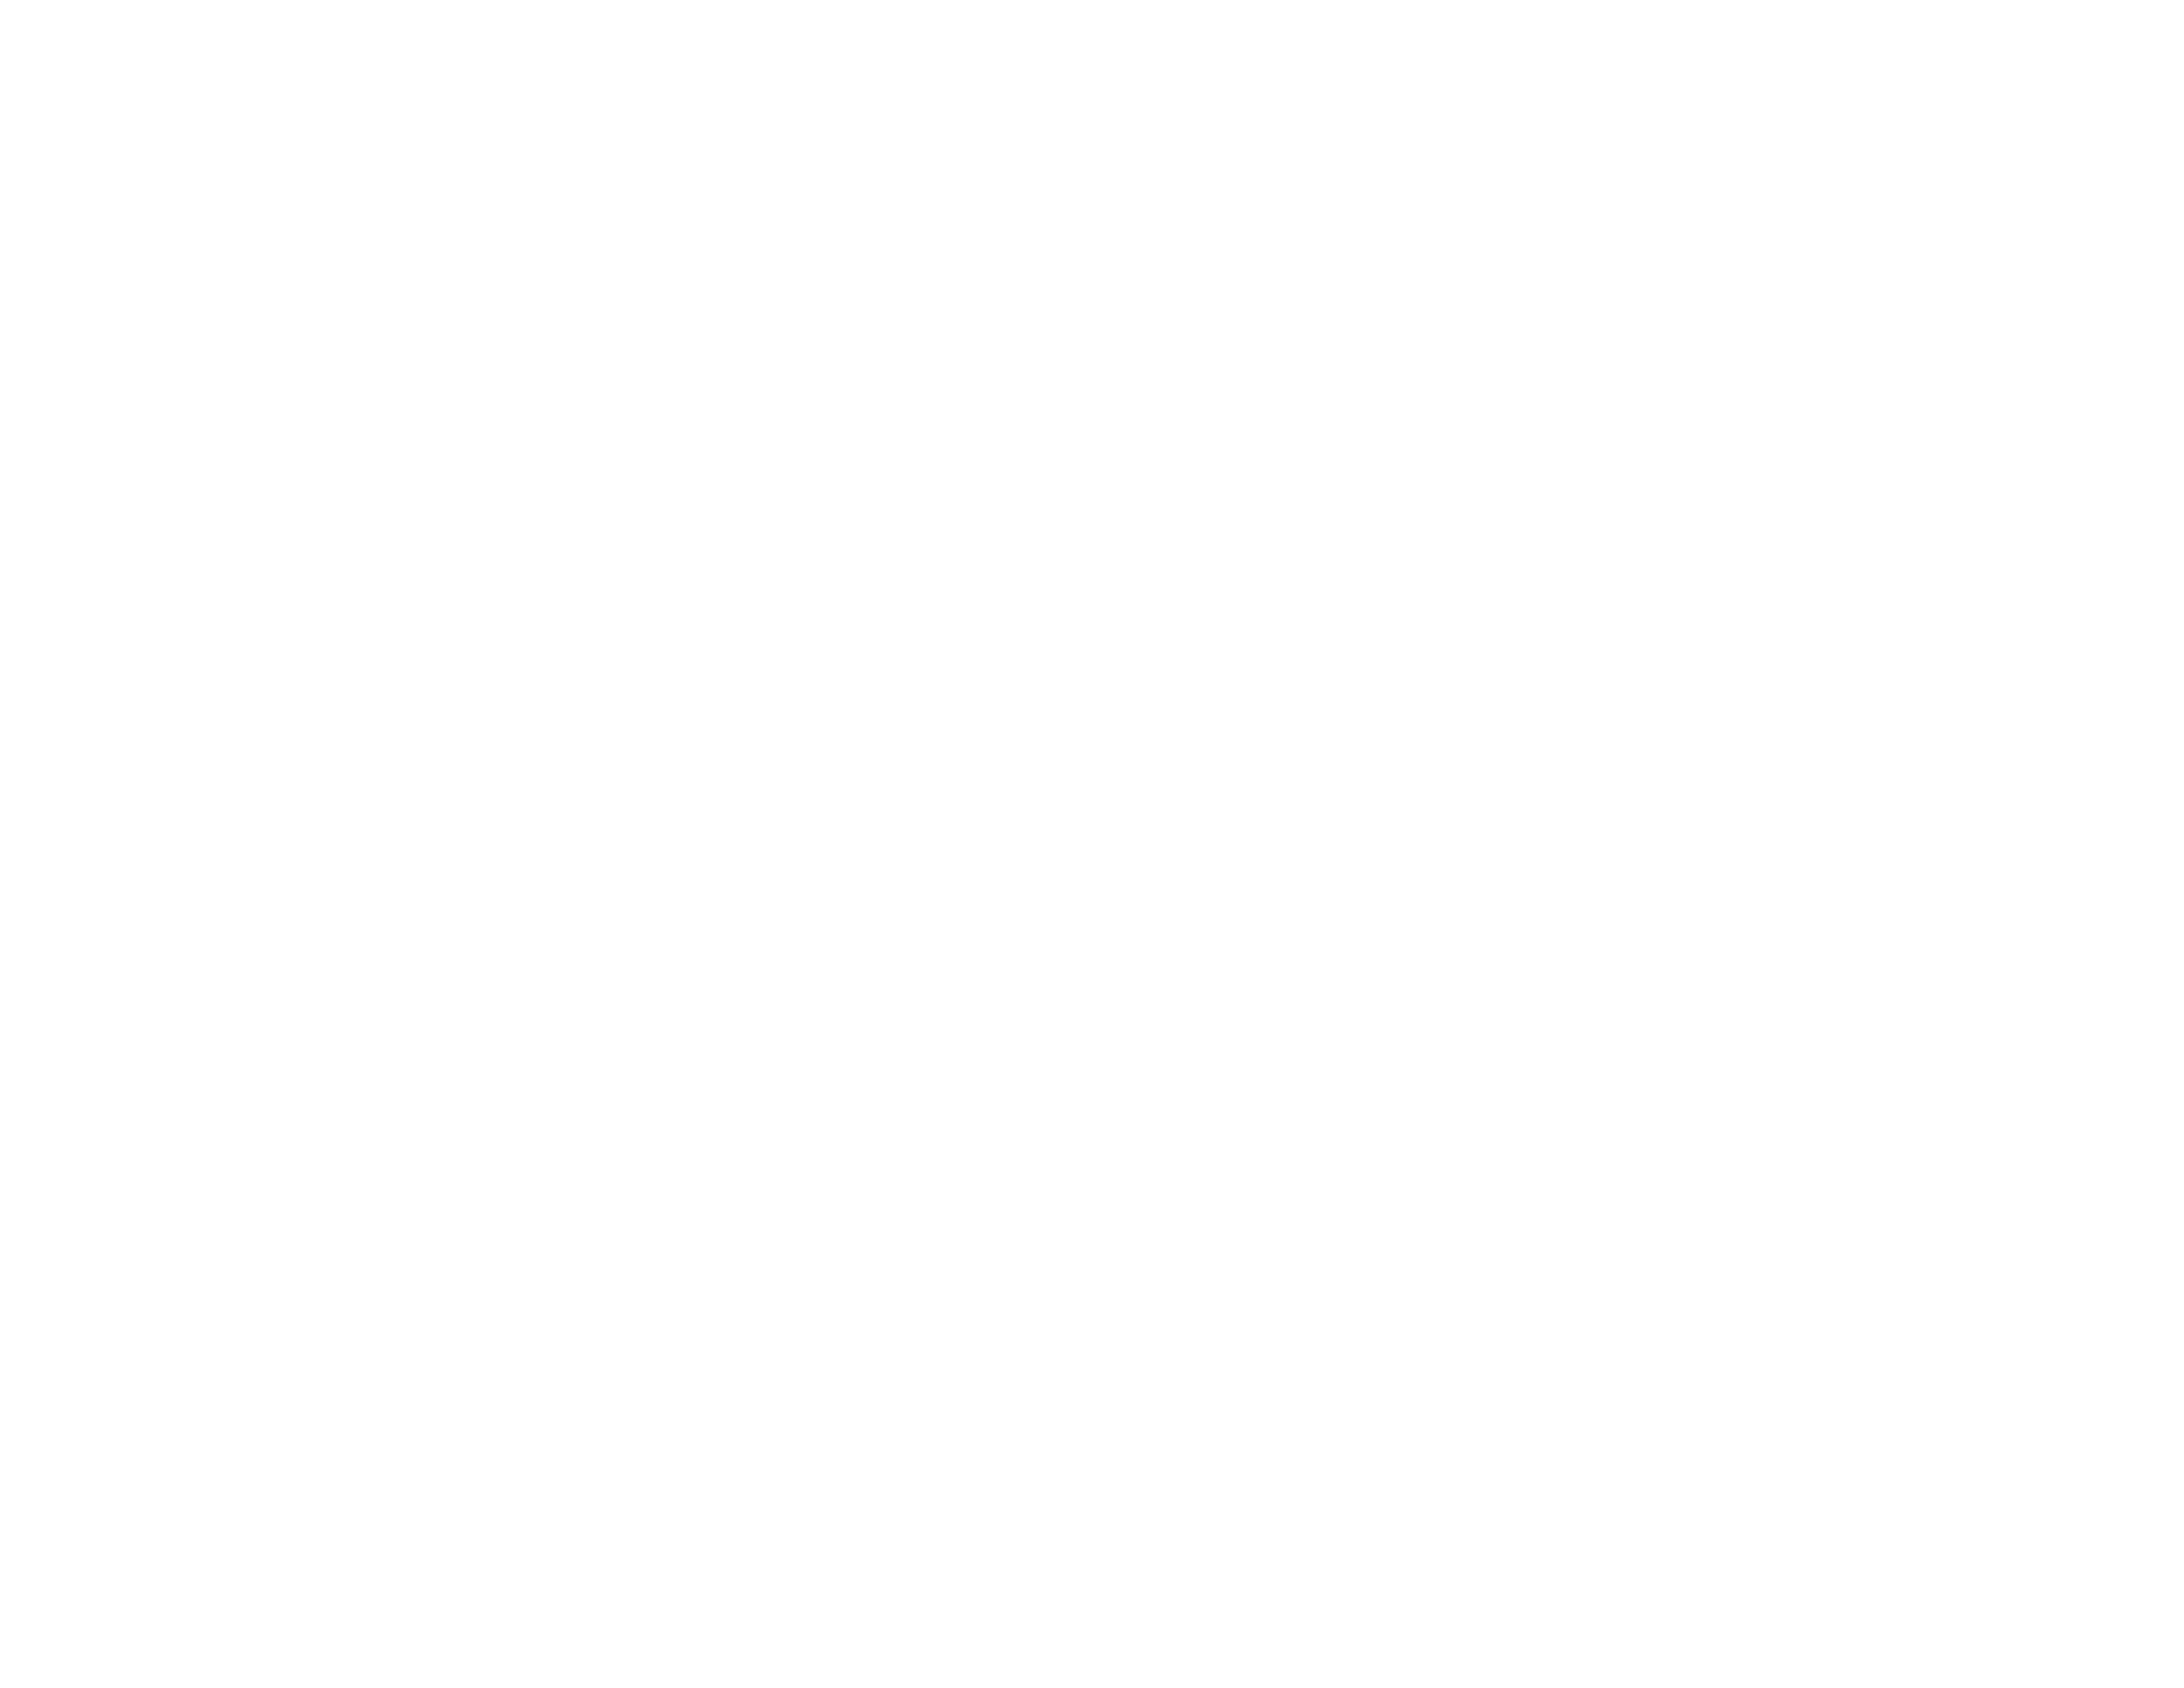 Infodev célèbre sont 25e anniversaire!